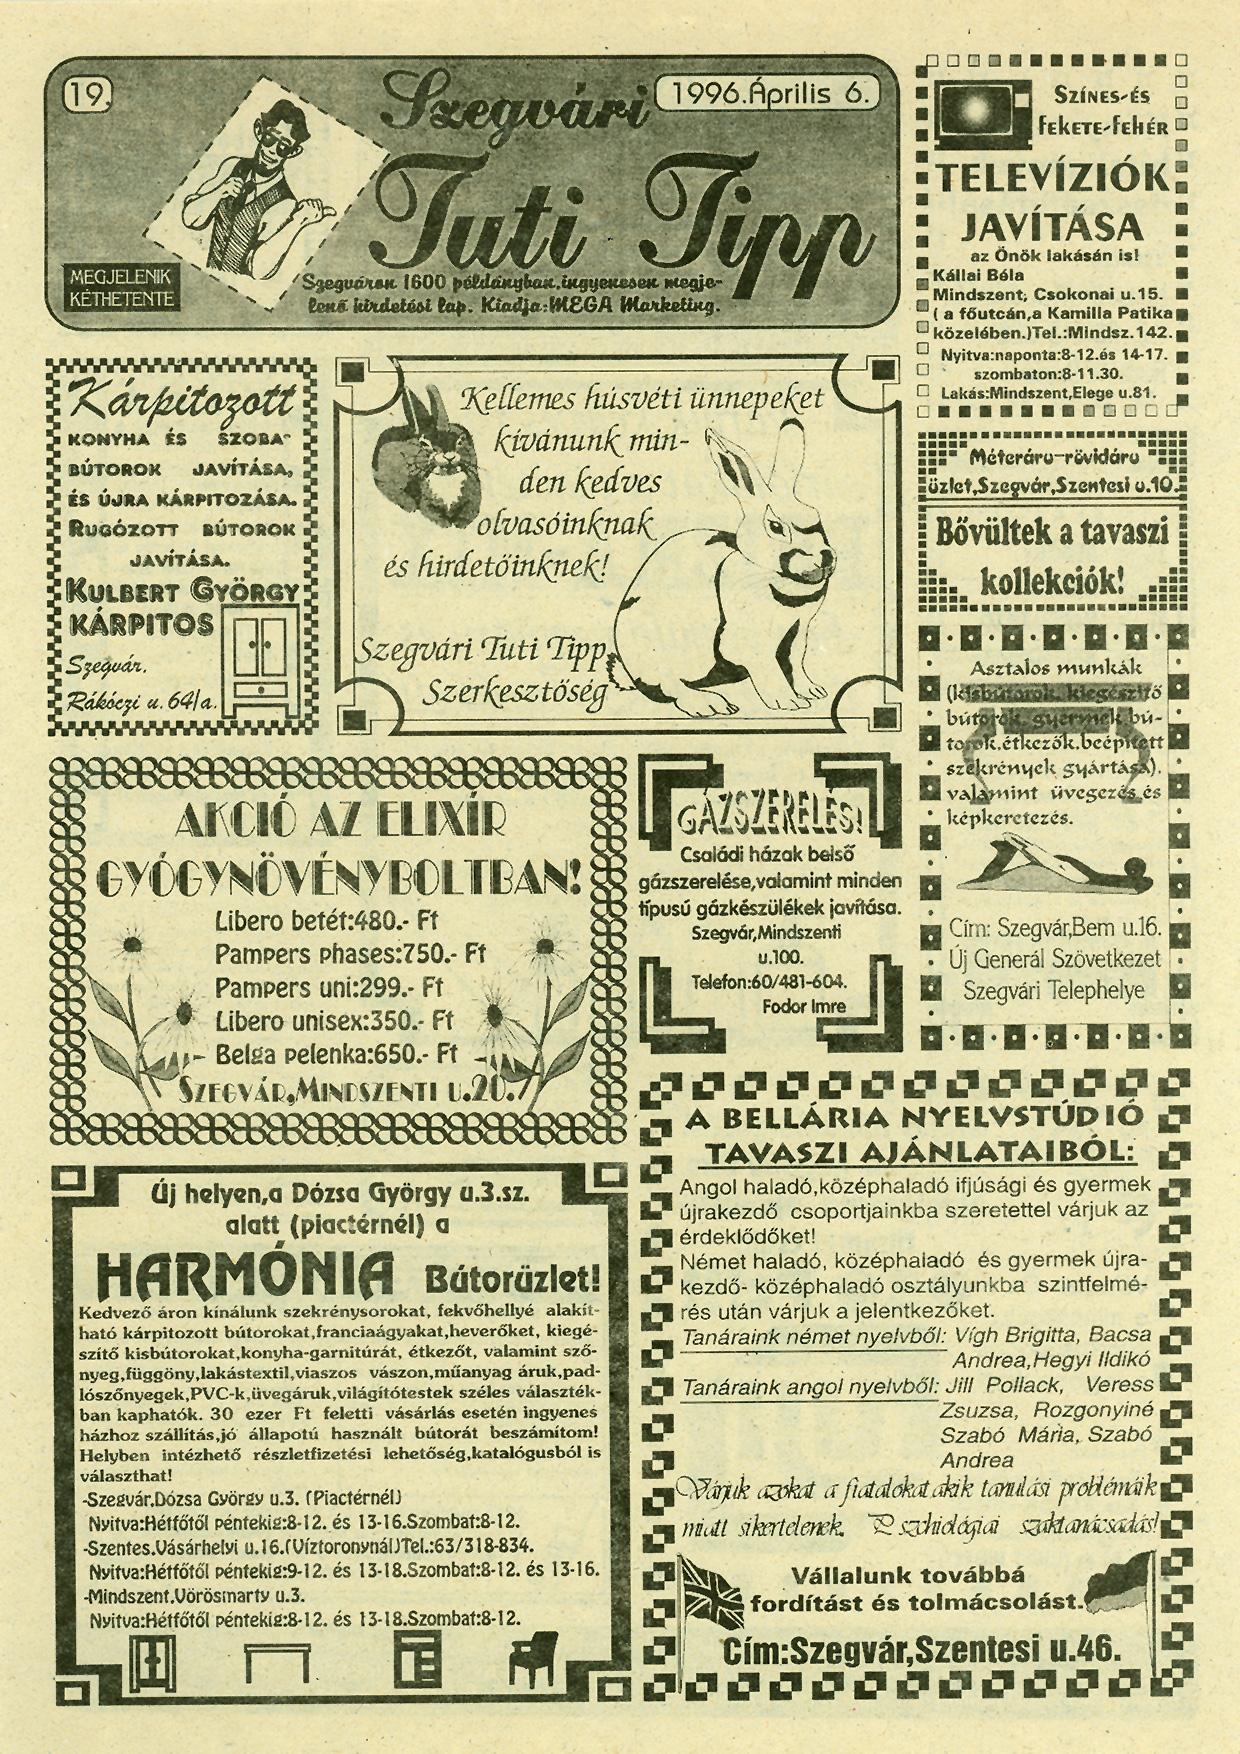 015 Szegvári Tuti Tipp reklámújság - 19960406-019. lapszám - 1.oldal - II. évfolyam.jpg